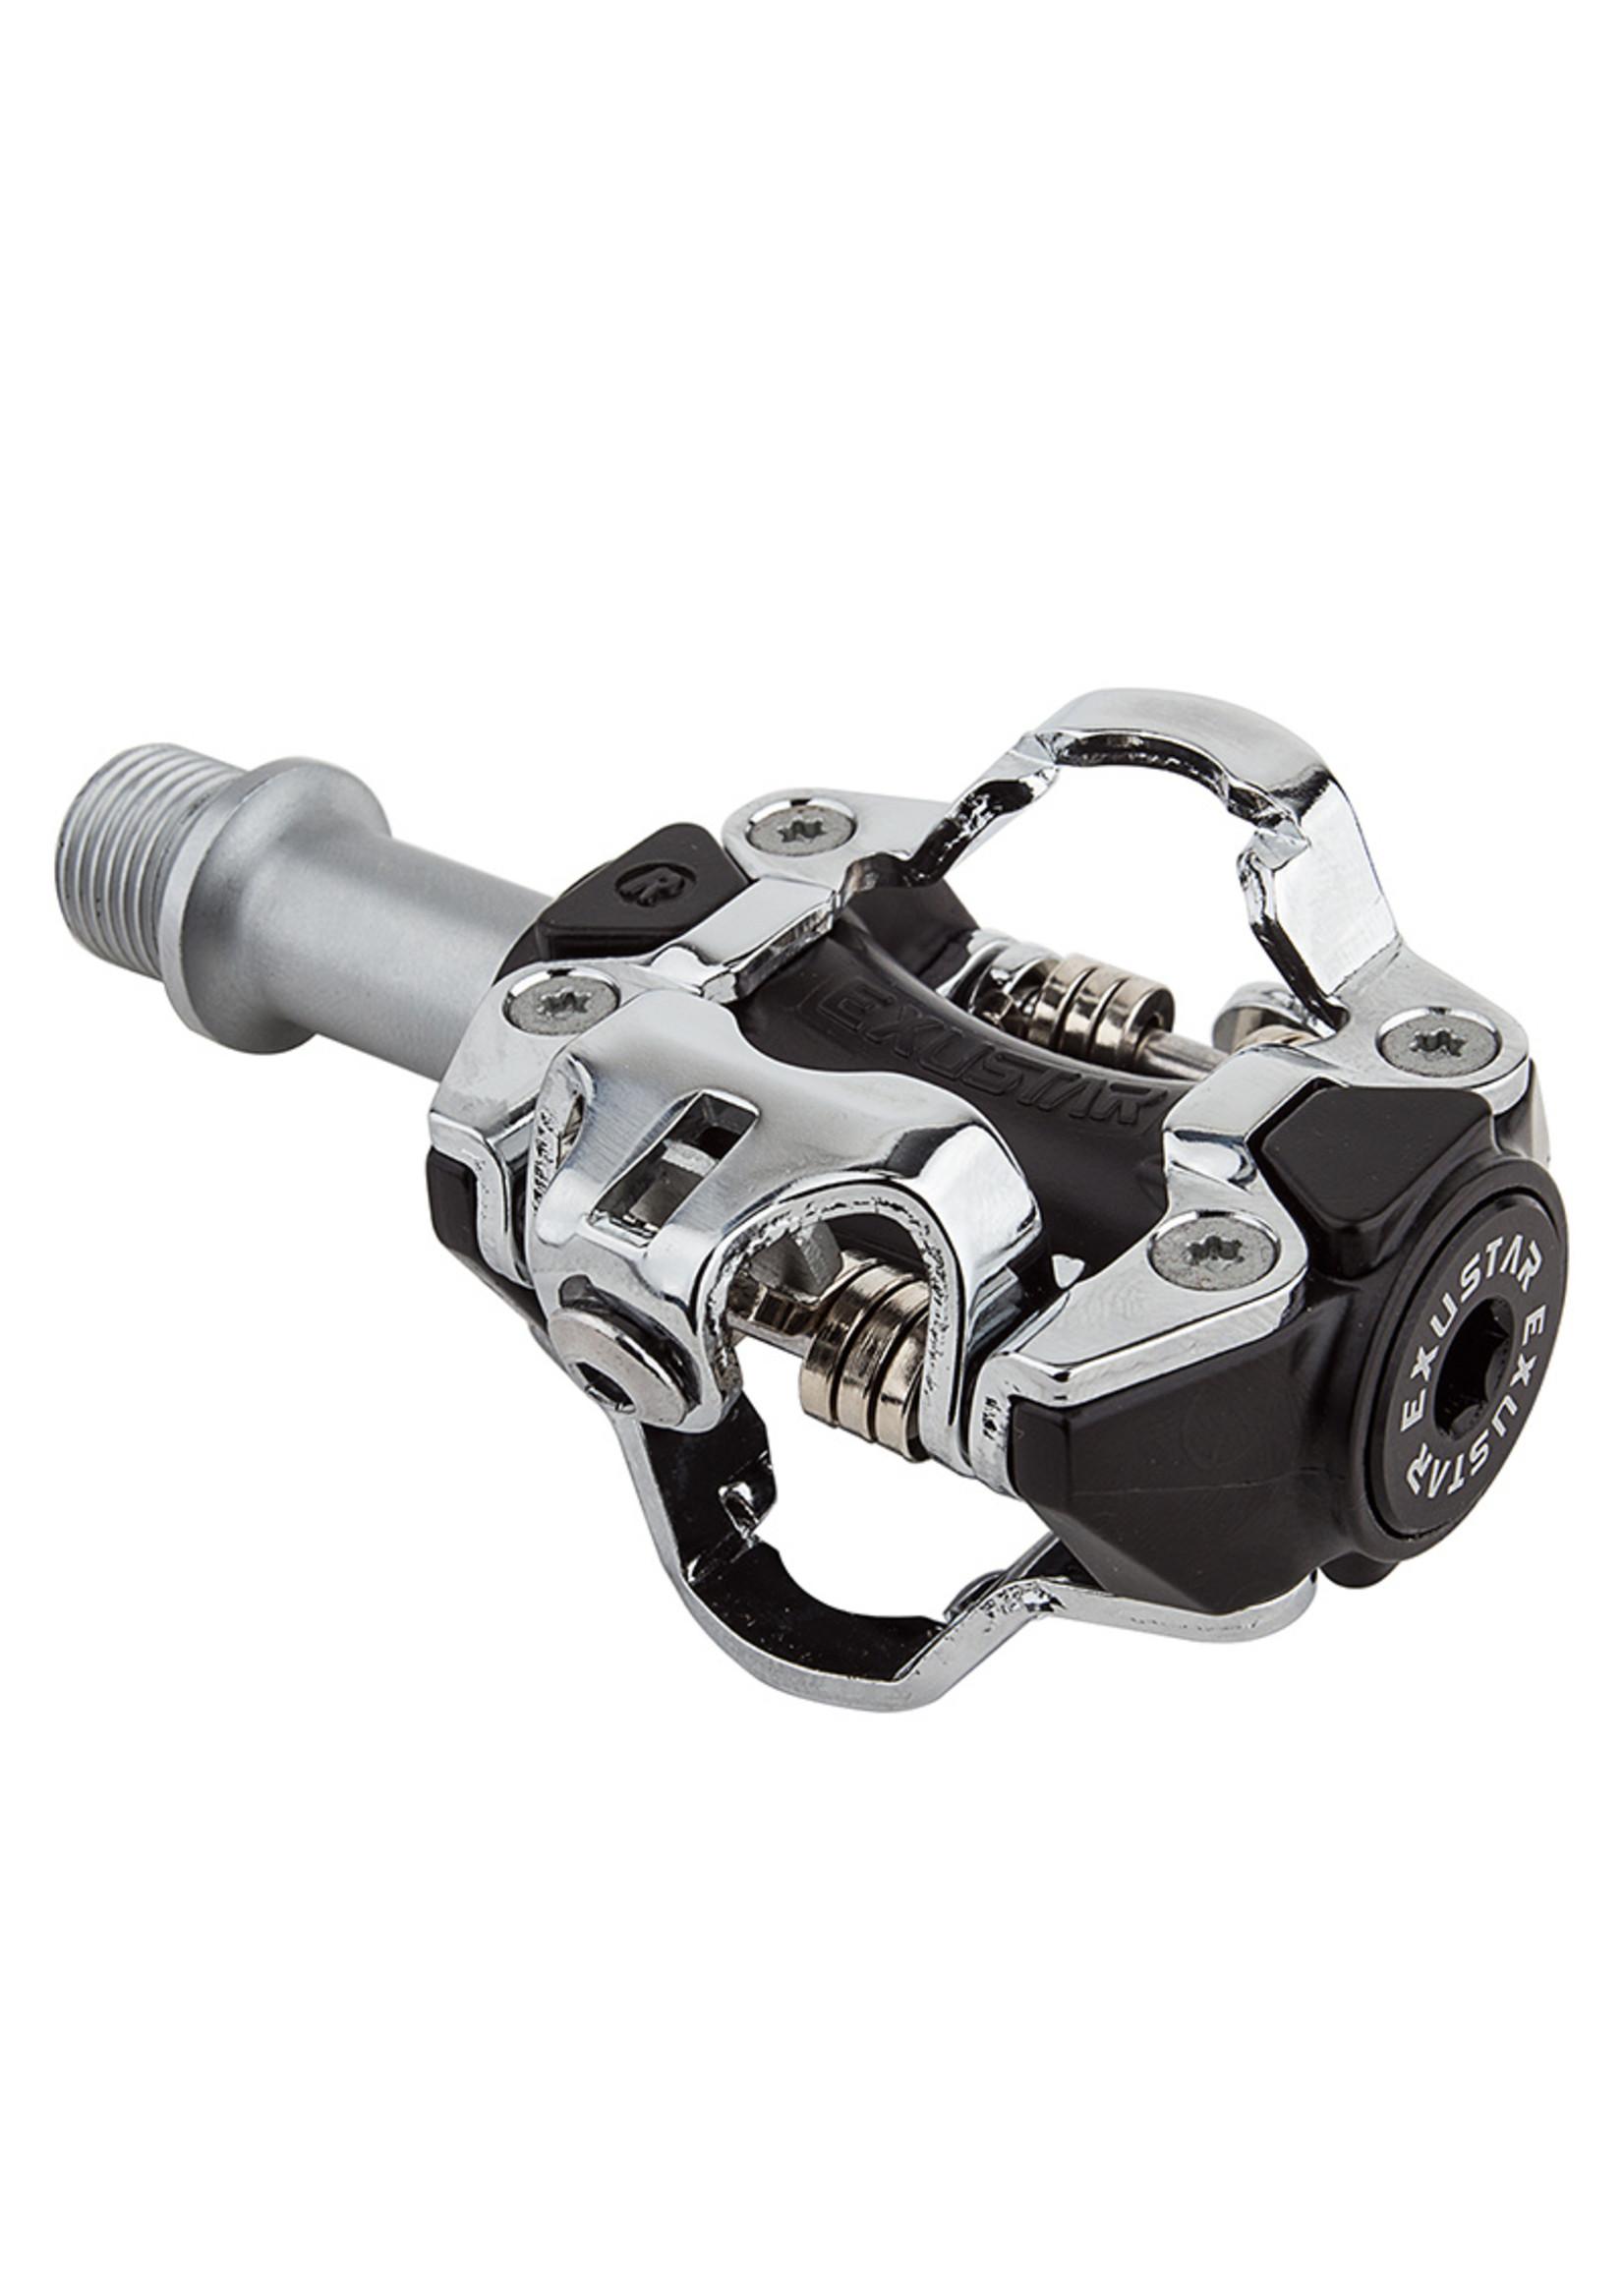 Exustar EXUSTAR Clipless MTB pedals  PM211, Black/Silver, SPD